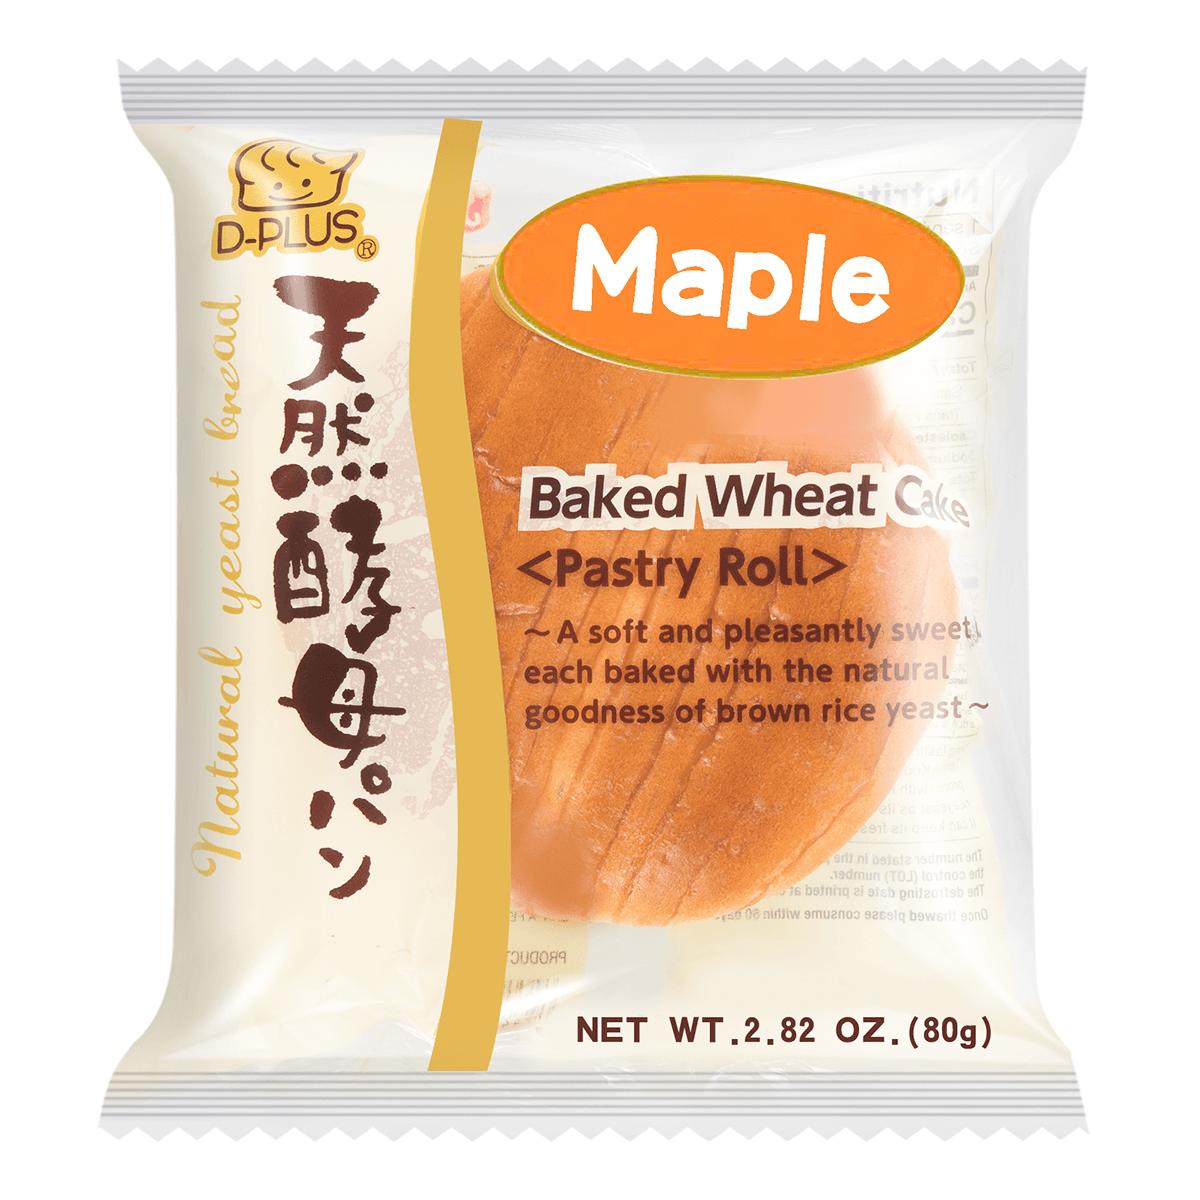 日本D-PLUS 天然酵母持久保鲜面包 枫蜜味 80g